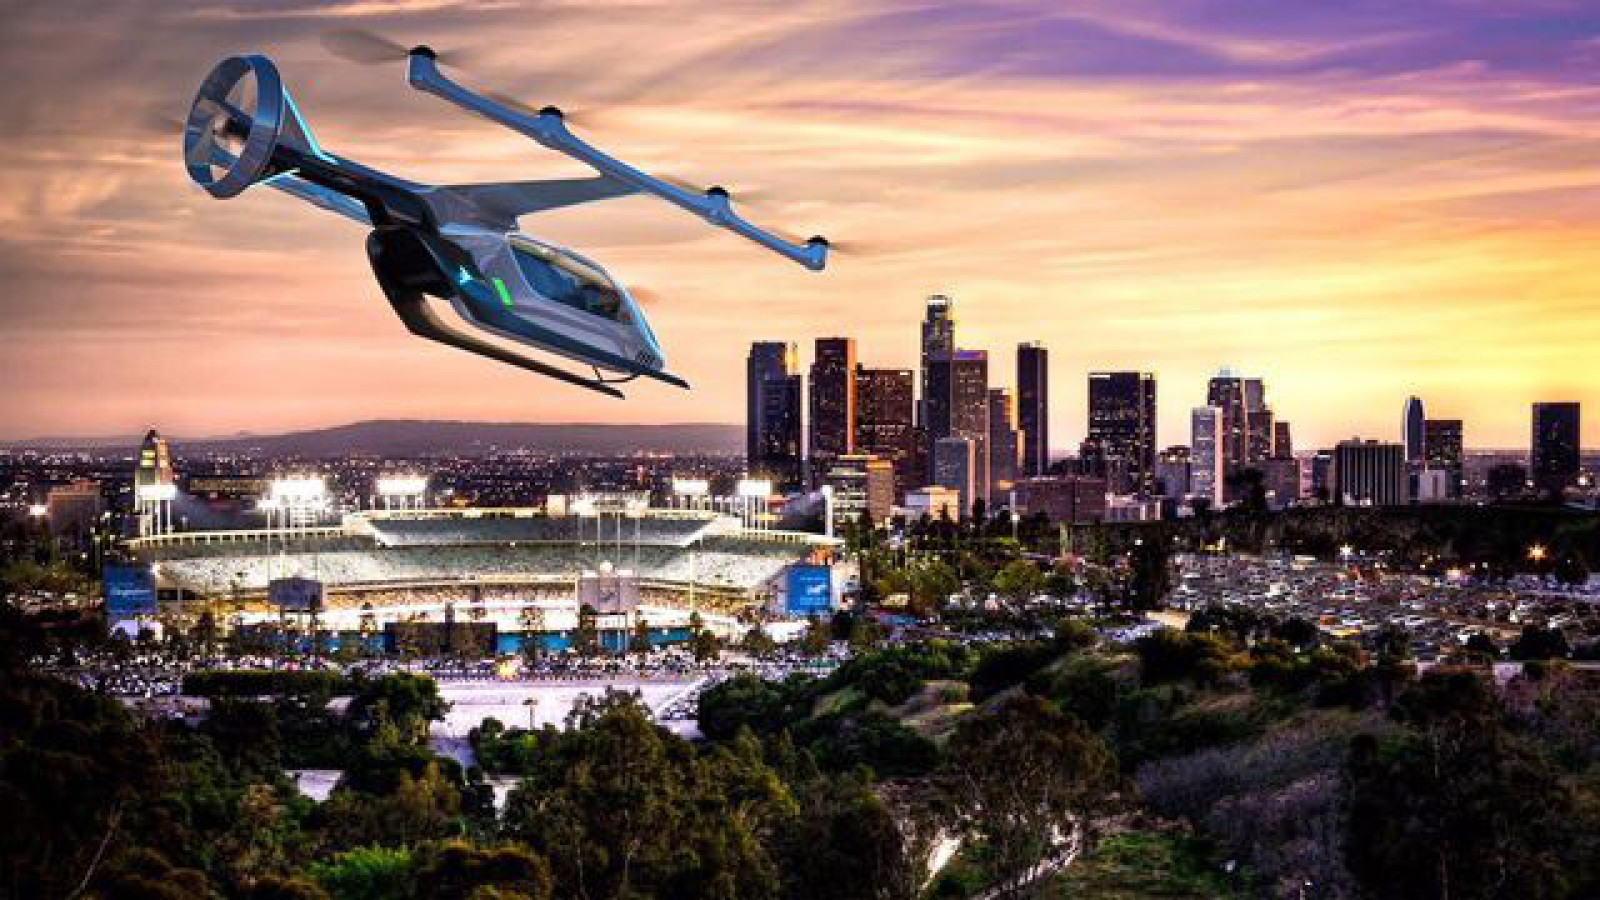 """Uber promite lansarea unui serviciu """"flying taxi"""" şi dezvăluie prototipul unui vehicul de zbor cu propulsie electrică"""